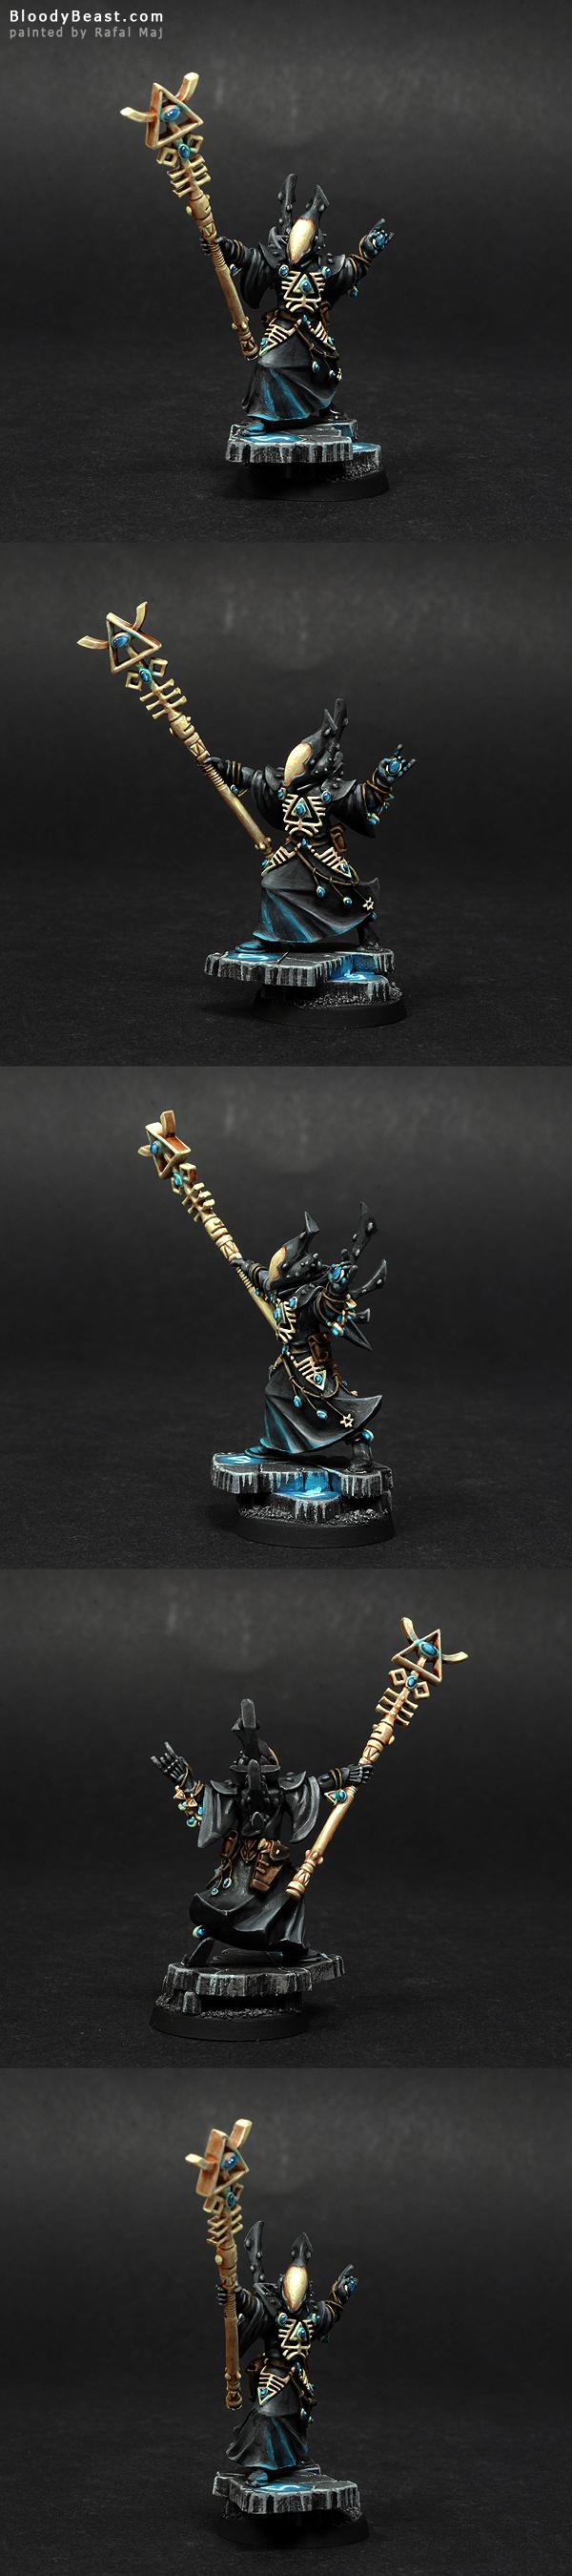 Eldar Ulthwe Spiritseer painted by Rafal Maj (BloodyBeast.com)